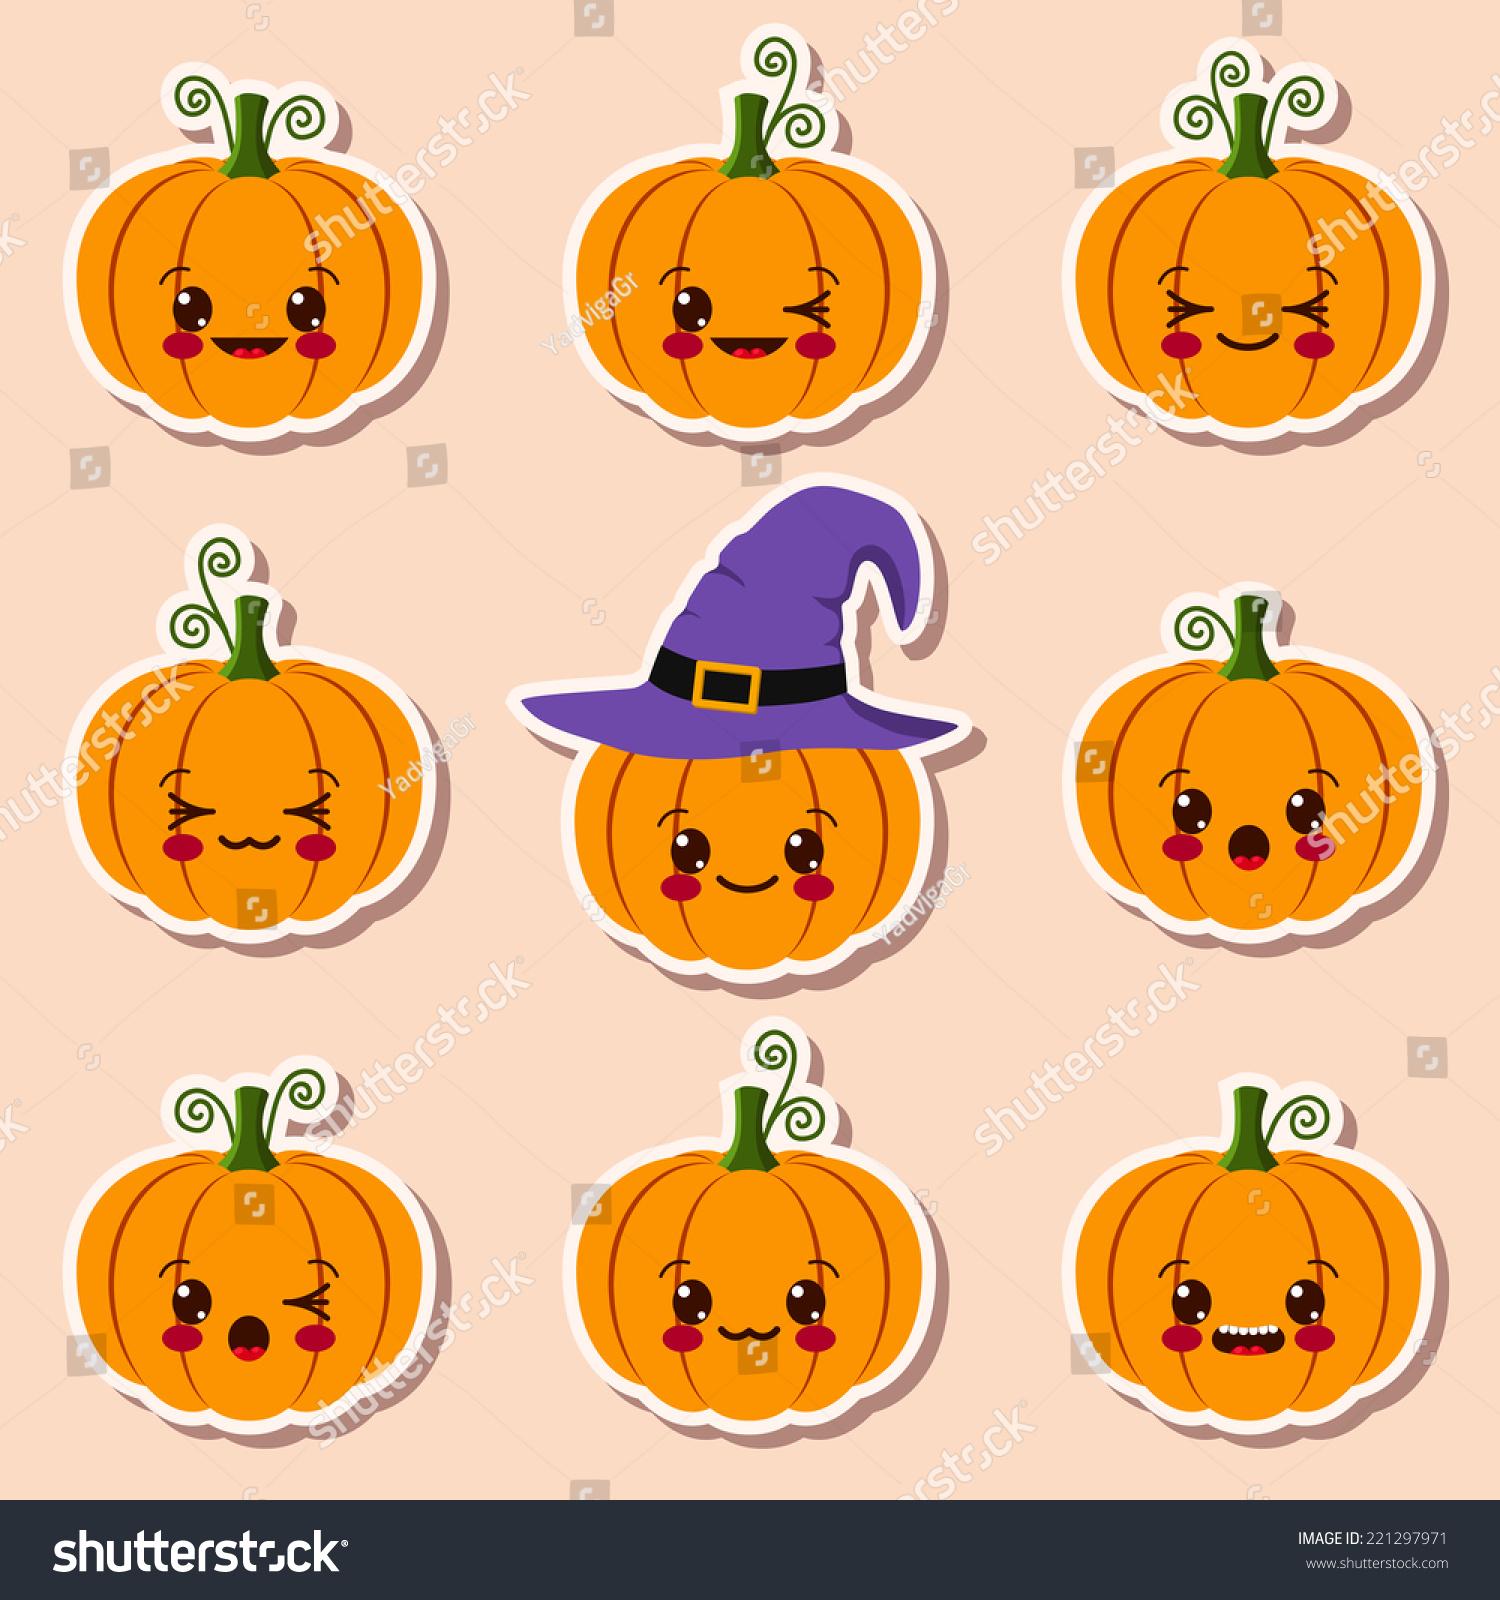 Kawaii Halloween Pumpkins Stock Vector 221297971 - Shutterstock